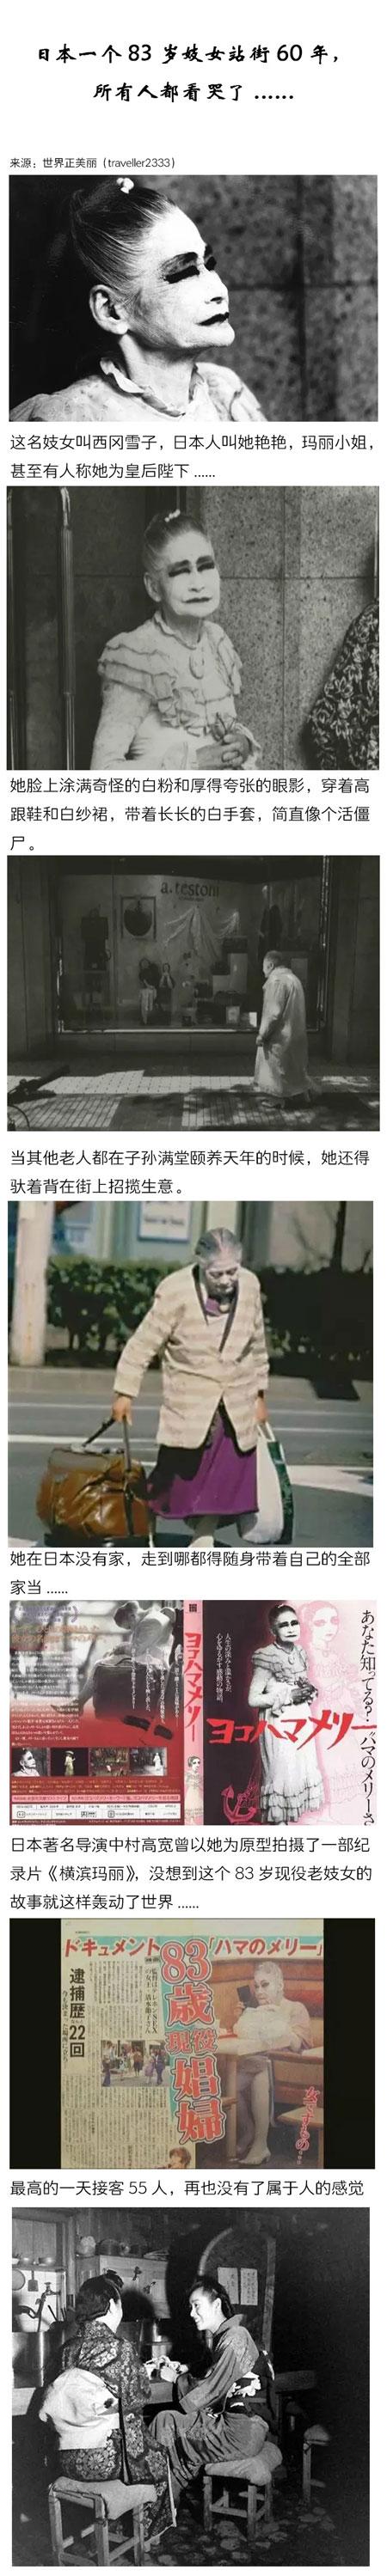 日本一个83岁妓女站街60年,所有人都看哭了...